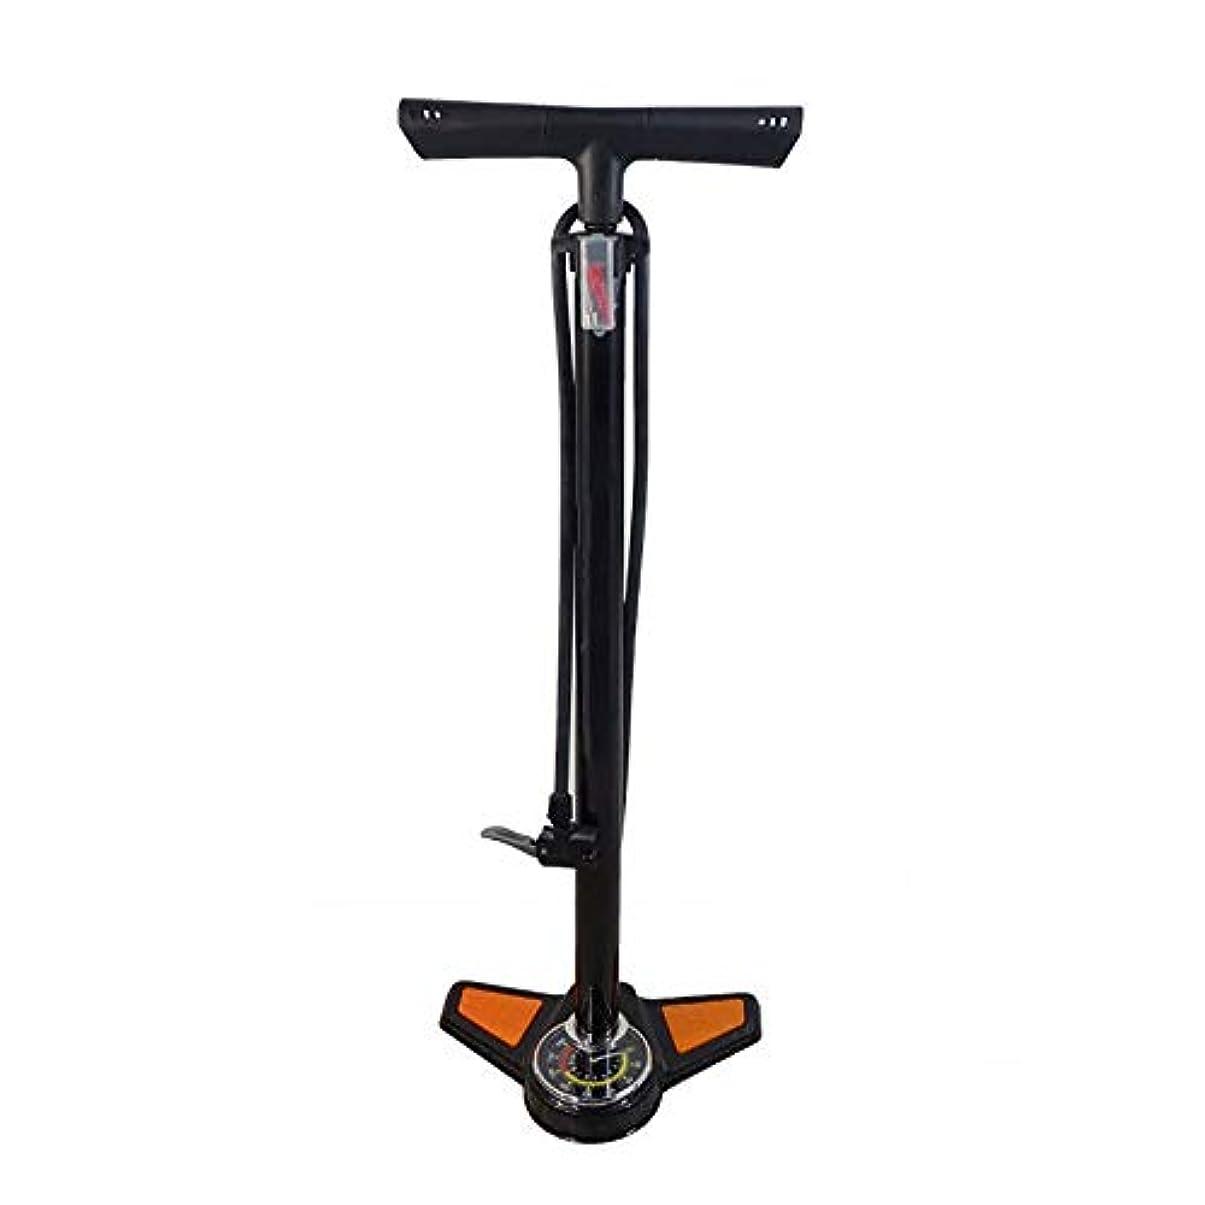 満たす三角形ご覧ください自転車 空気入れ バロメーターポータブル自転車乗馬機器と家庭用床に立っポンプ バイク ポンプ (Color : Black, Size : 640mm)